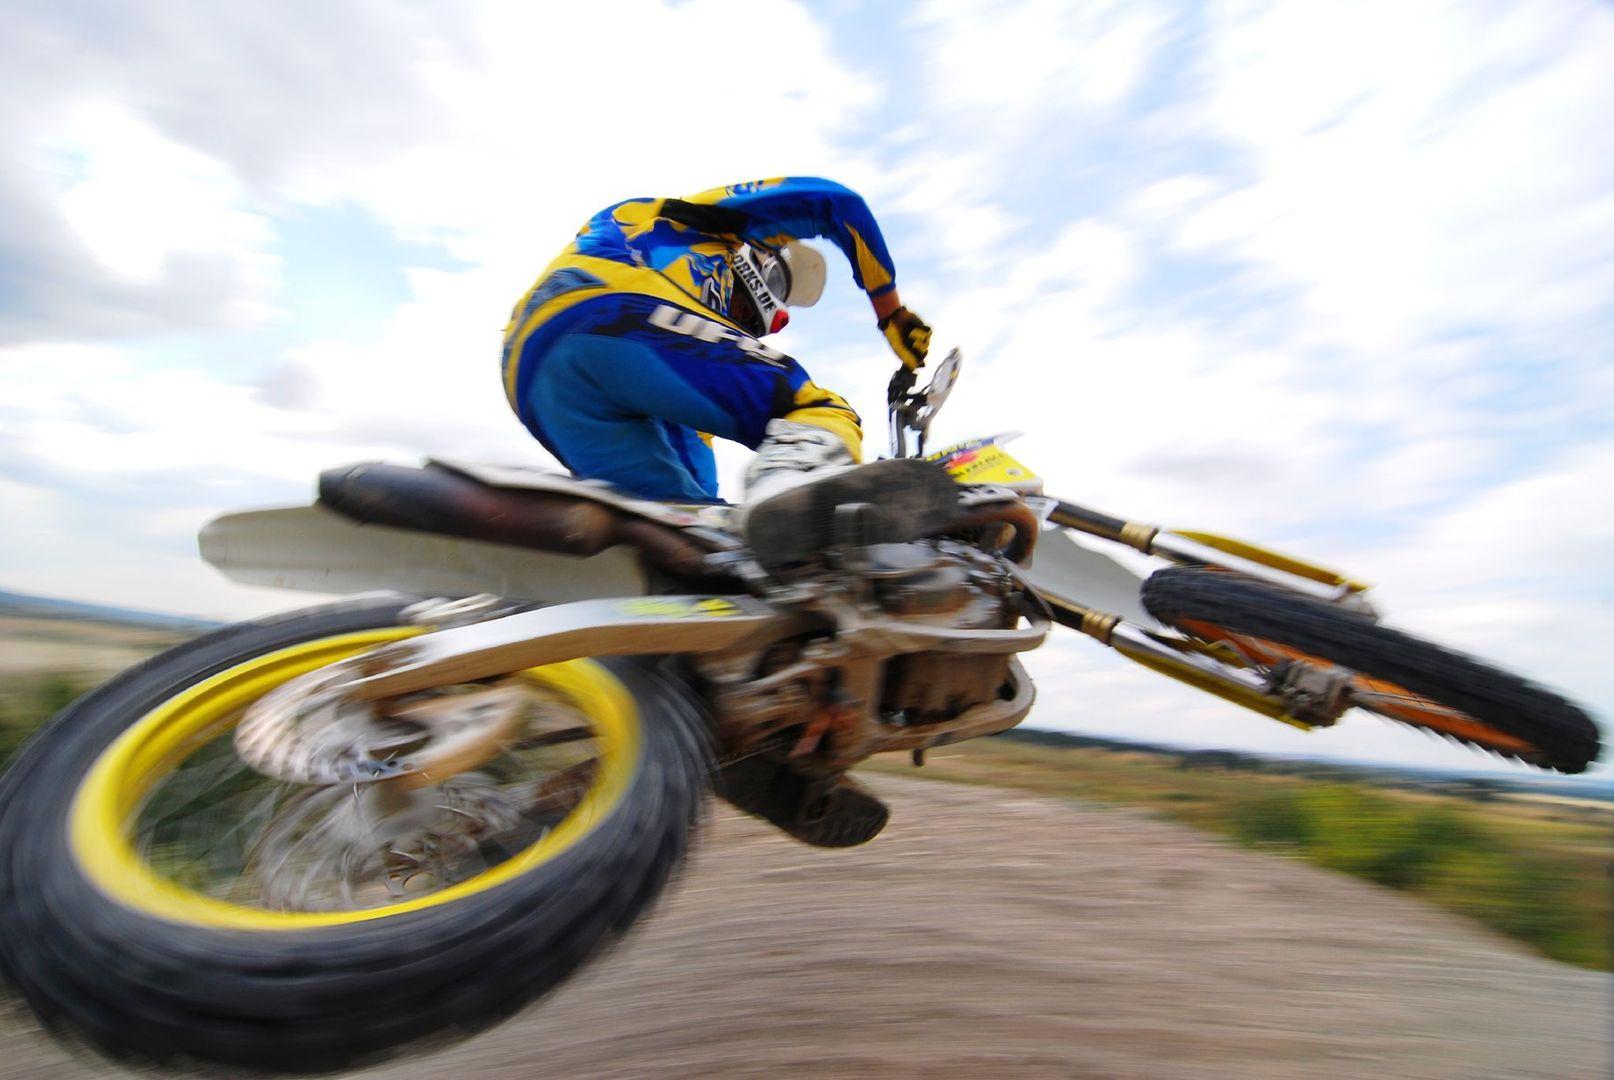 polizza moto 2011 direct line